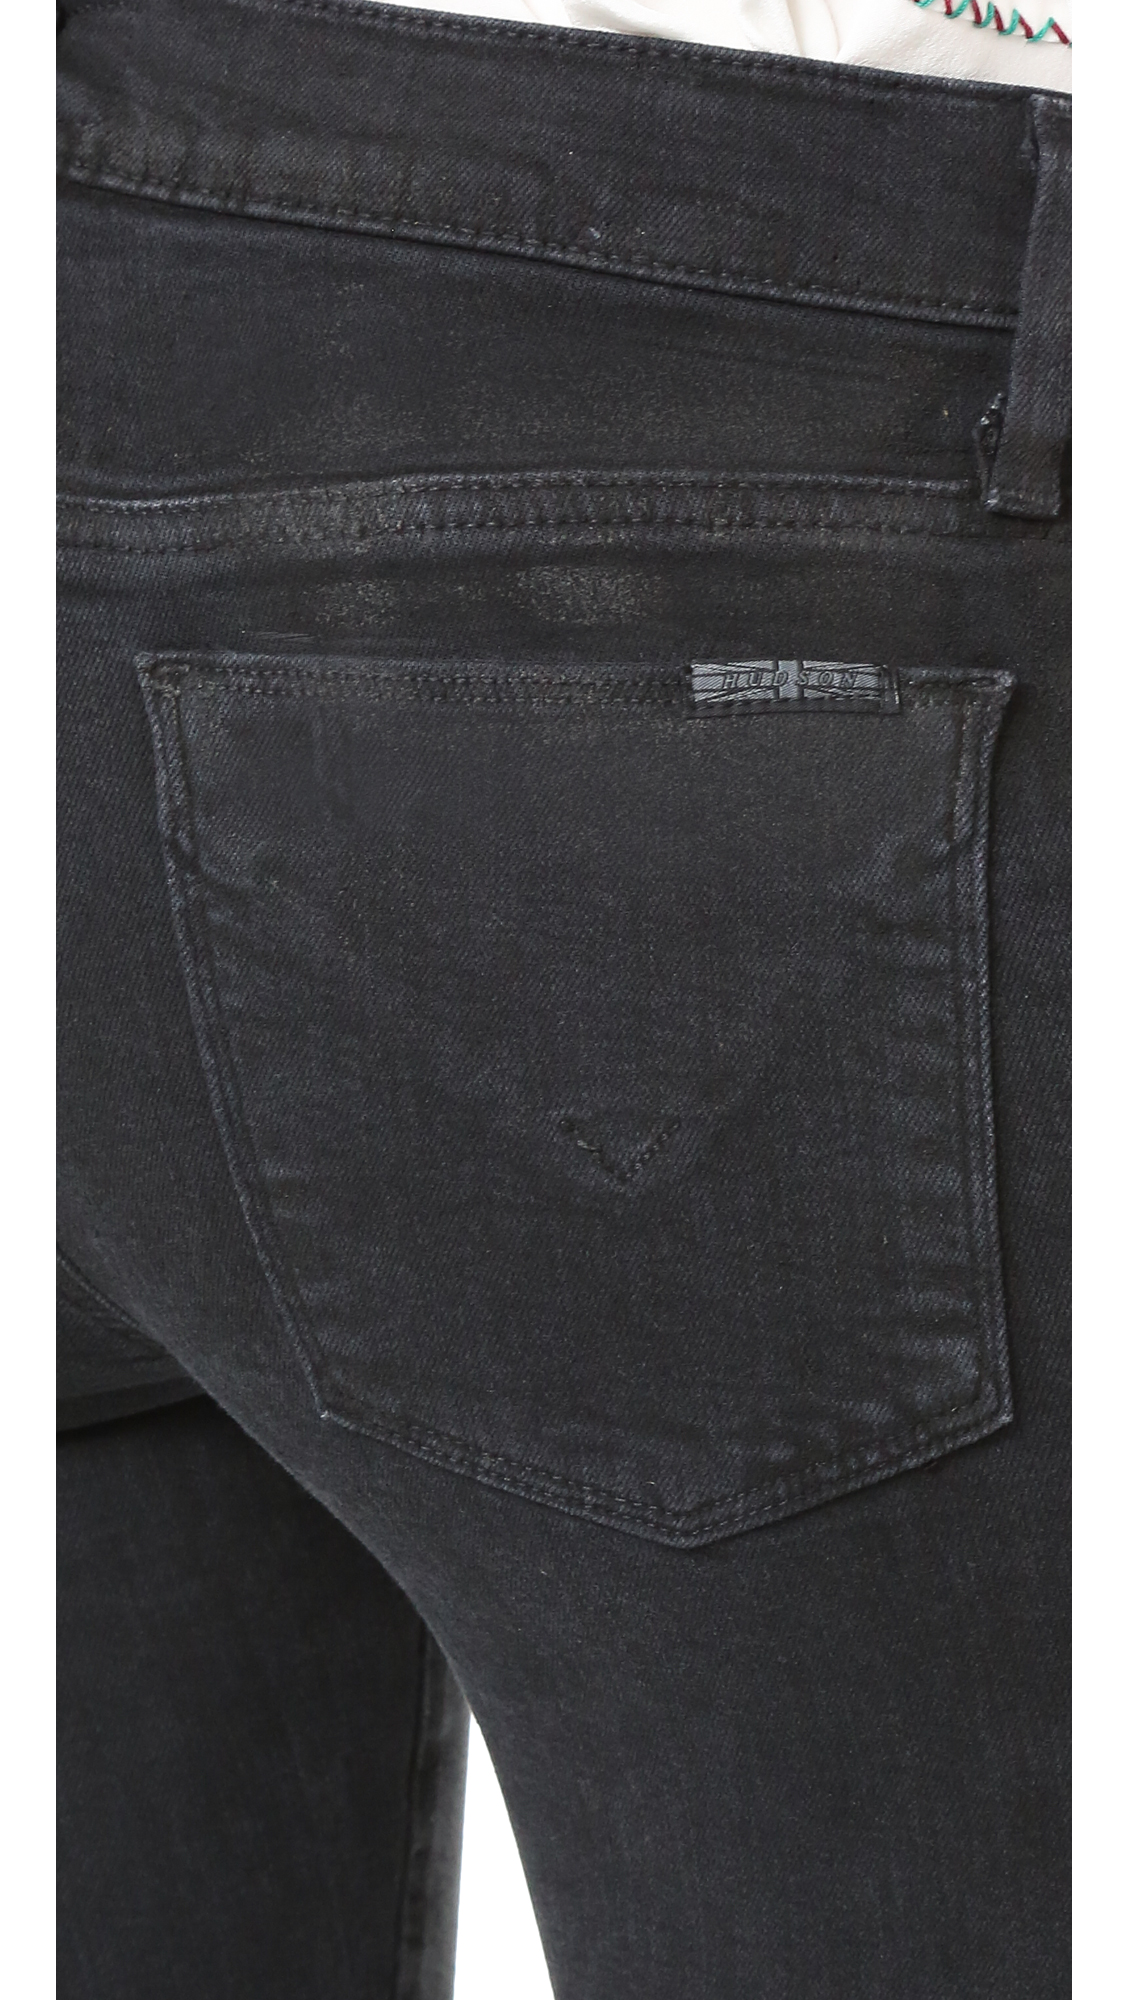 485ce5e83f6 Hudson Nix Lace Up Jeans | SHOPBOP